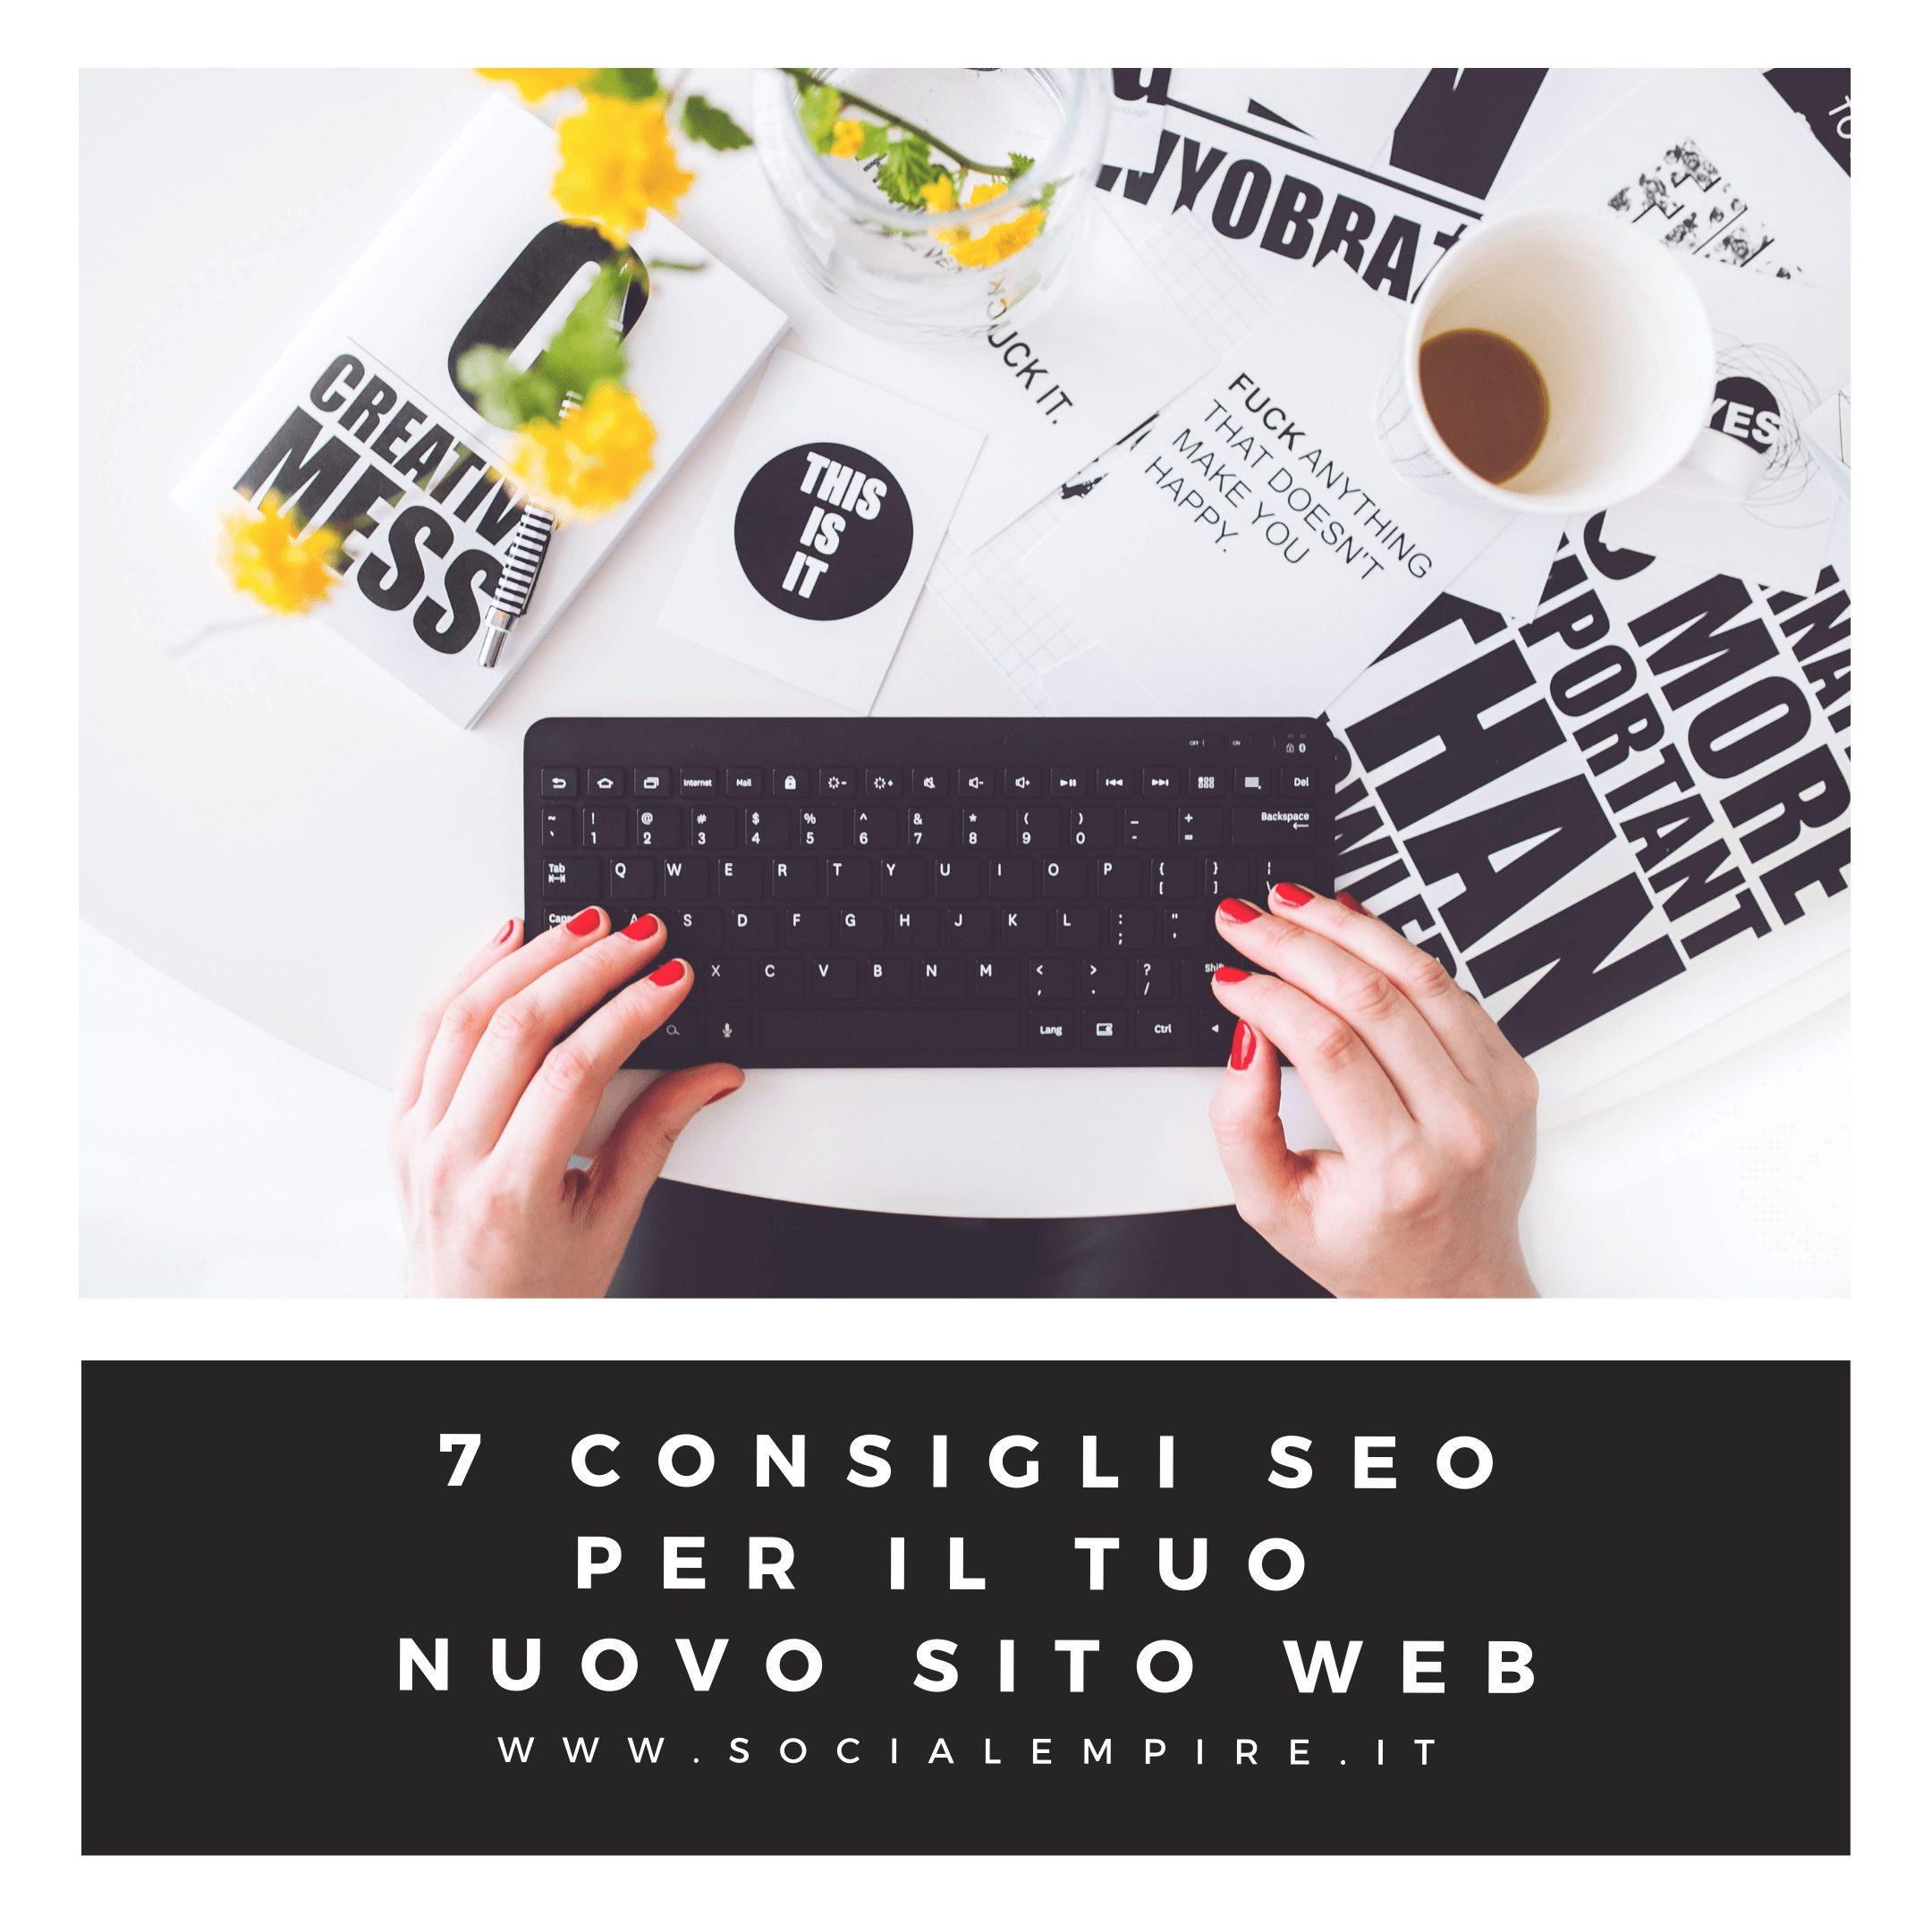 7-consigli-seo-per-il-tuo-sito-web